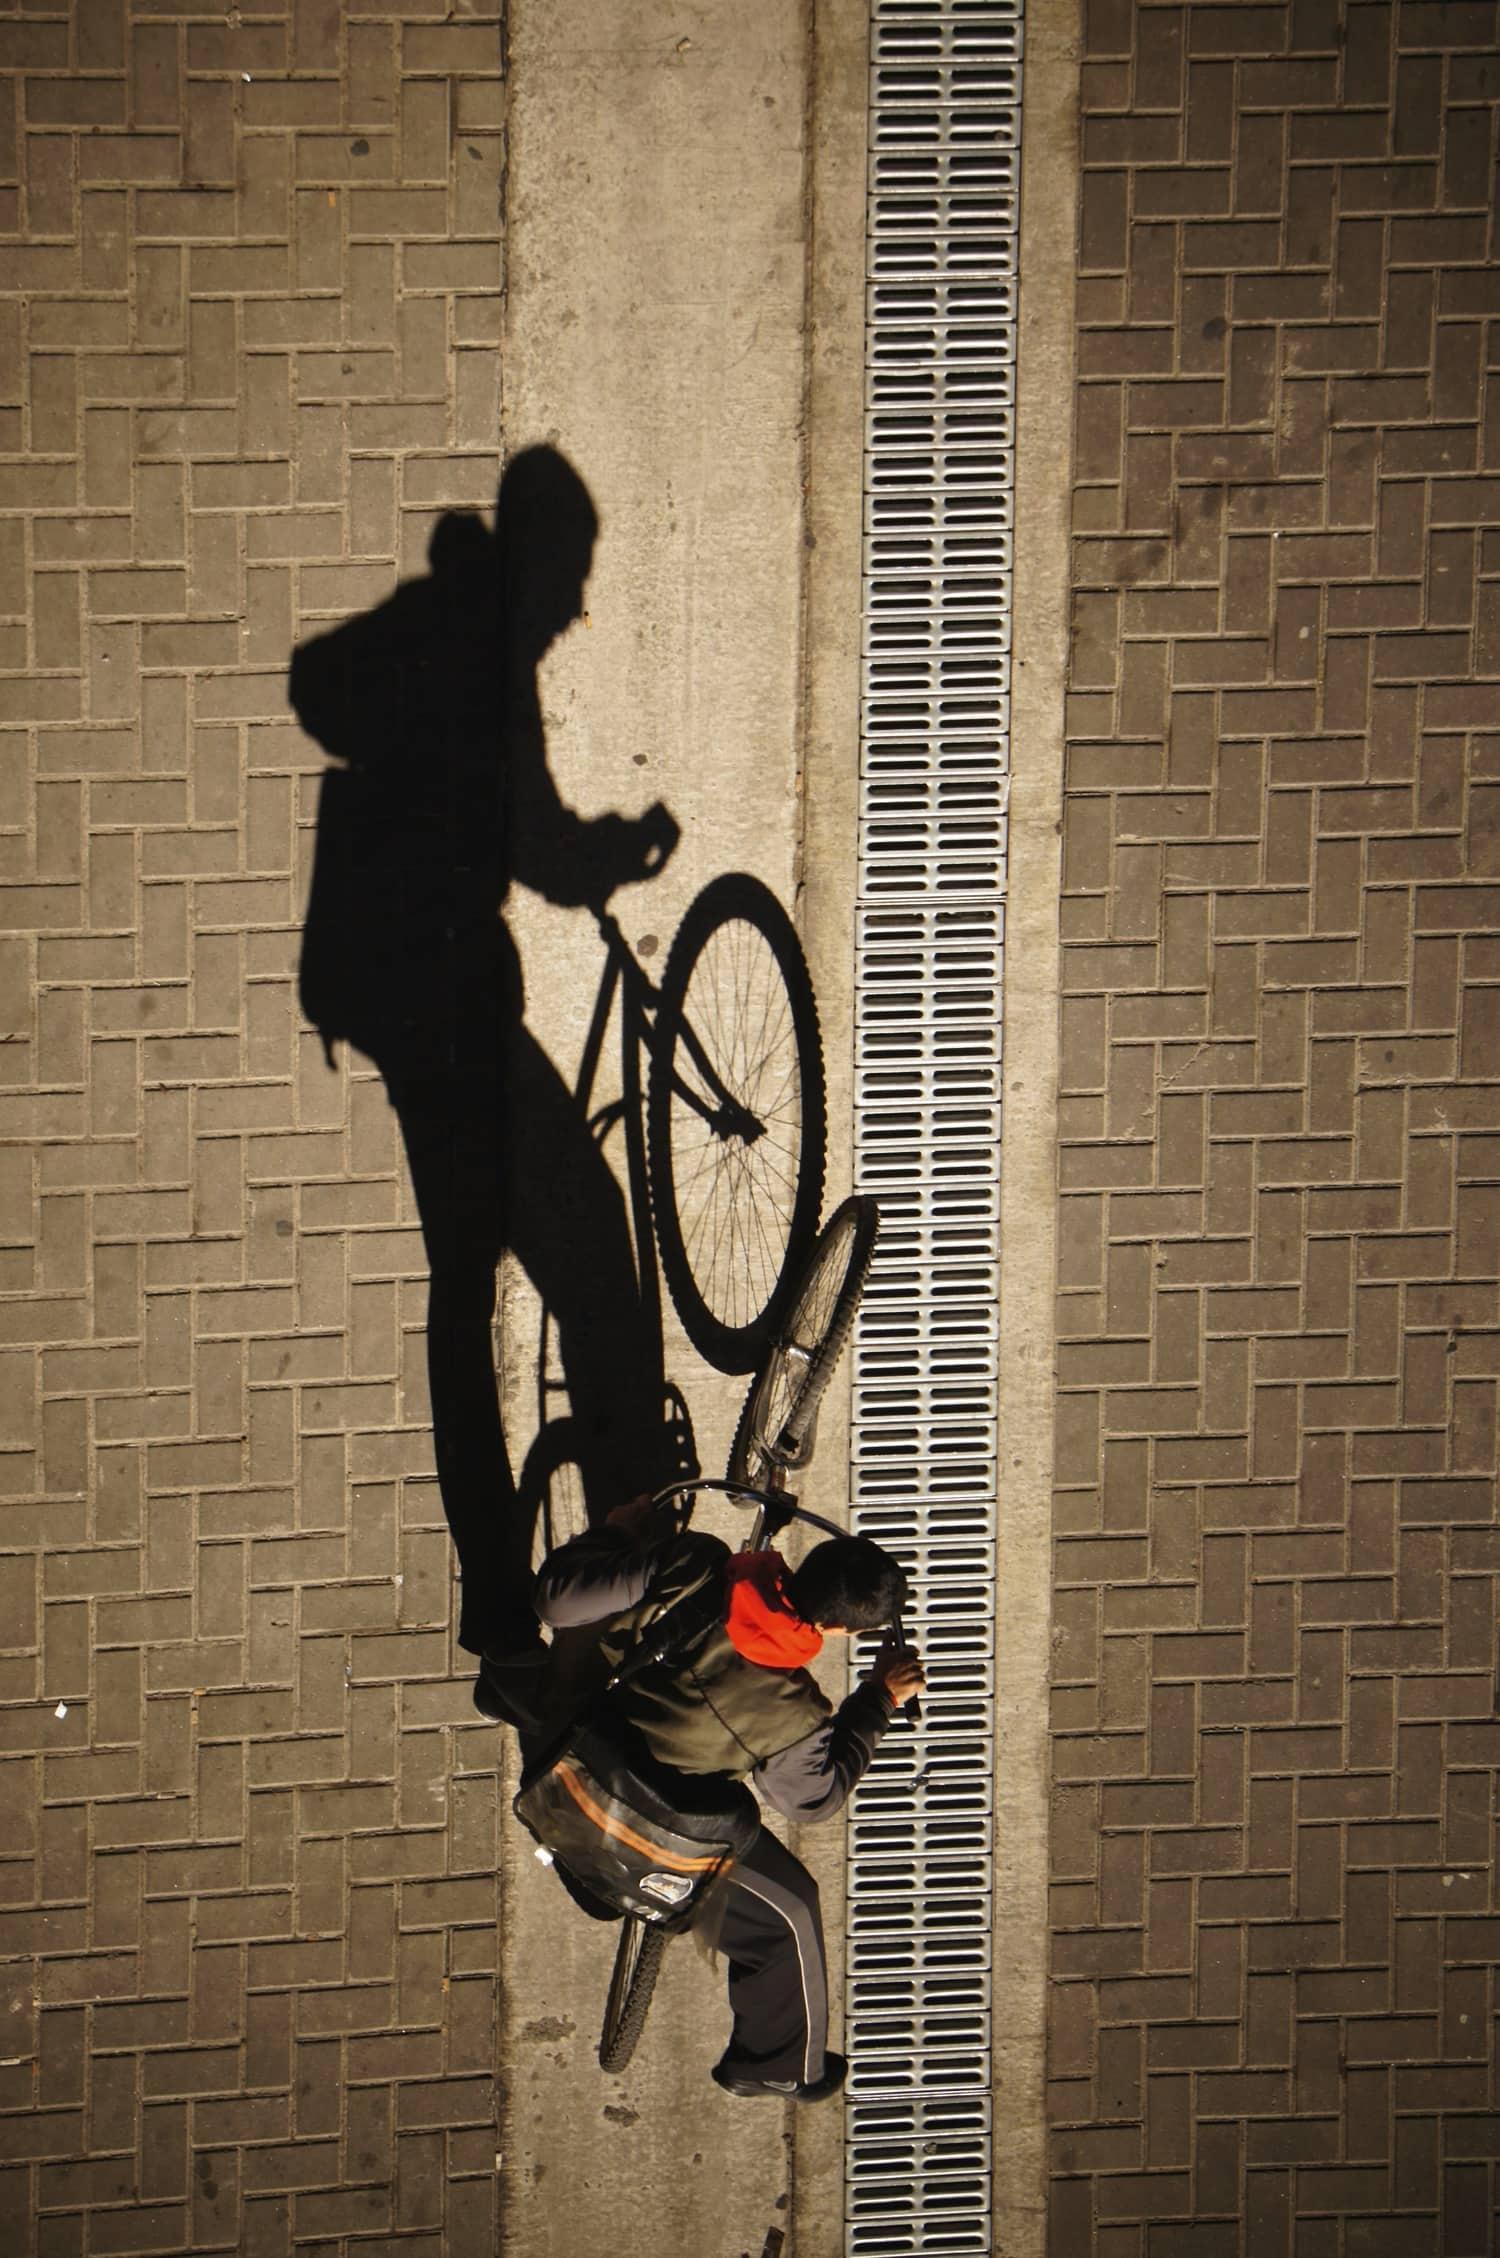 Rompe la monotonía. Cursos fotografía Barcelona